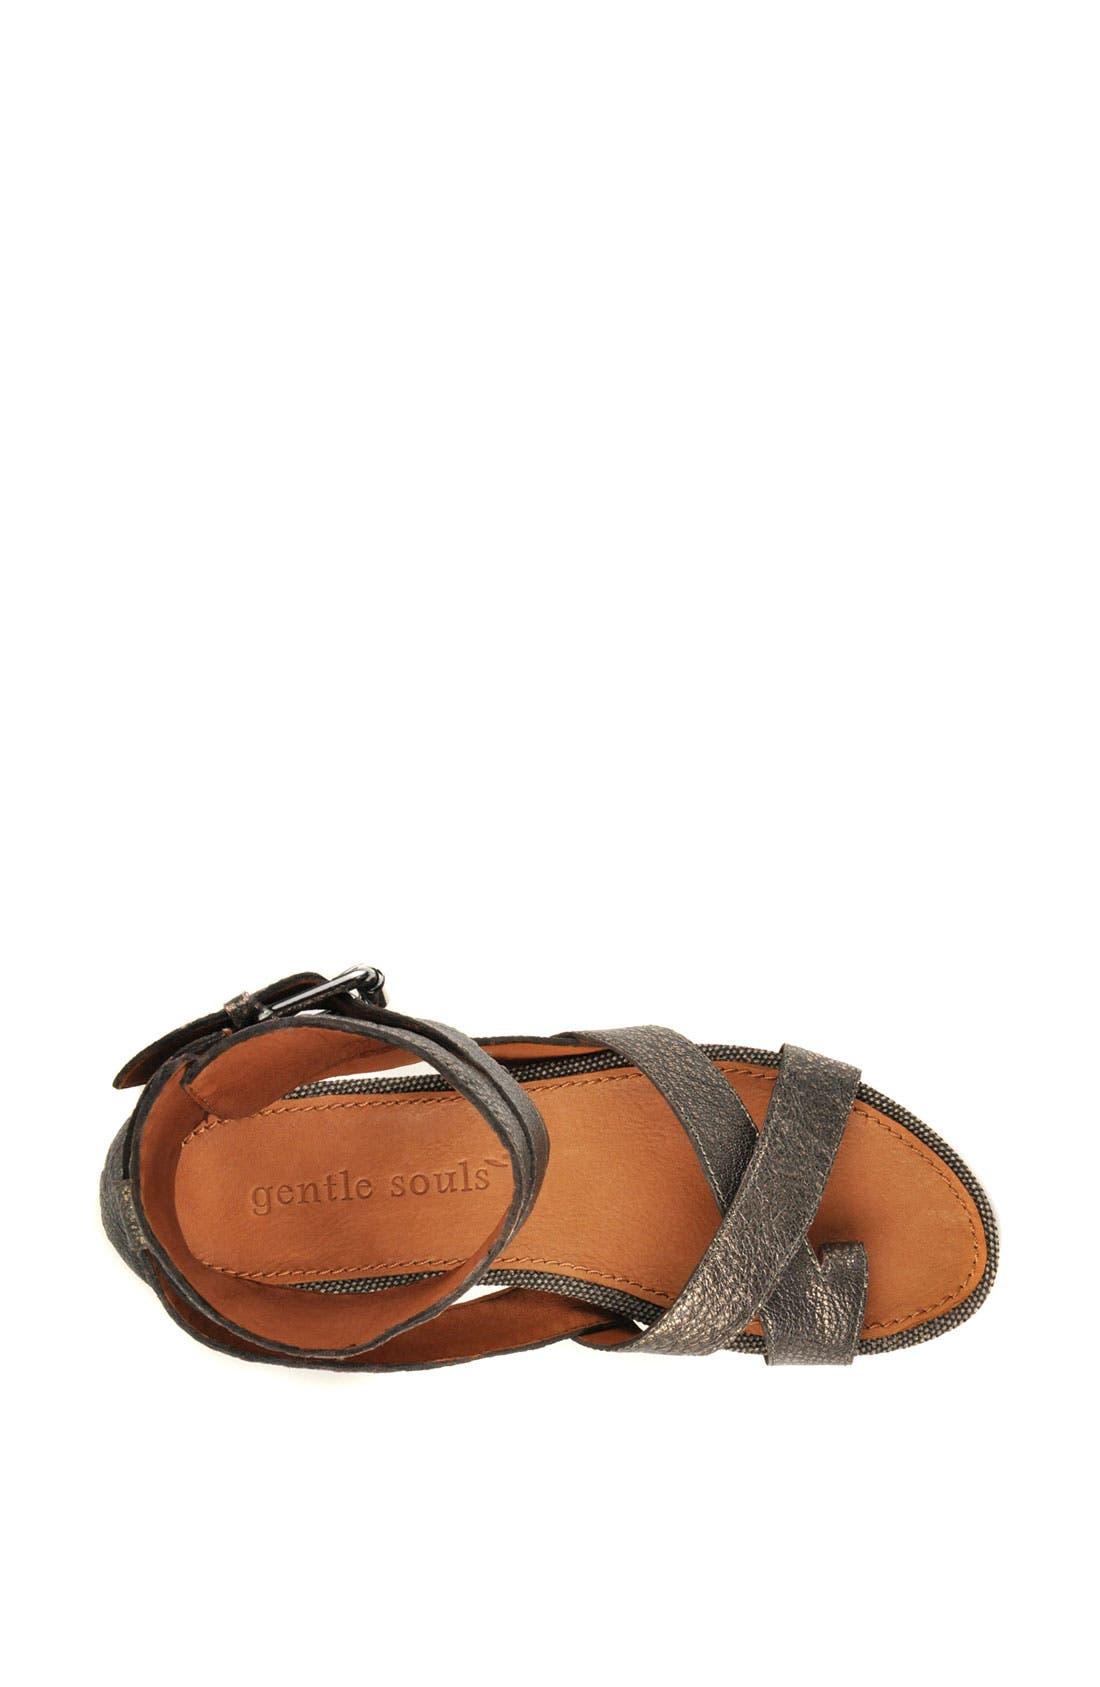 Alternate Image 3  - Gentle Souls 'Blinque' Sandal